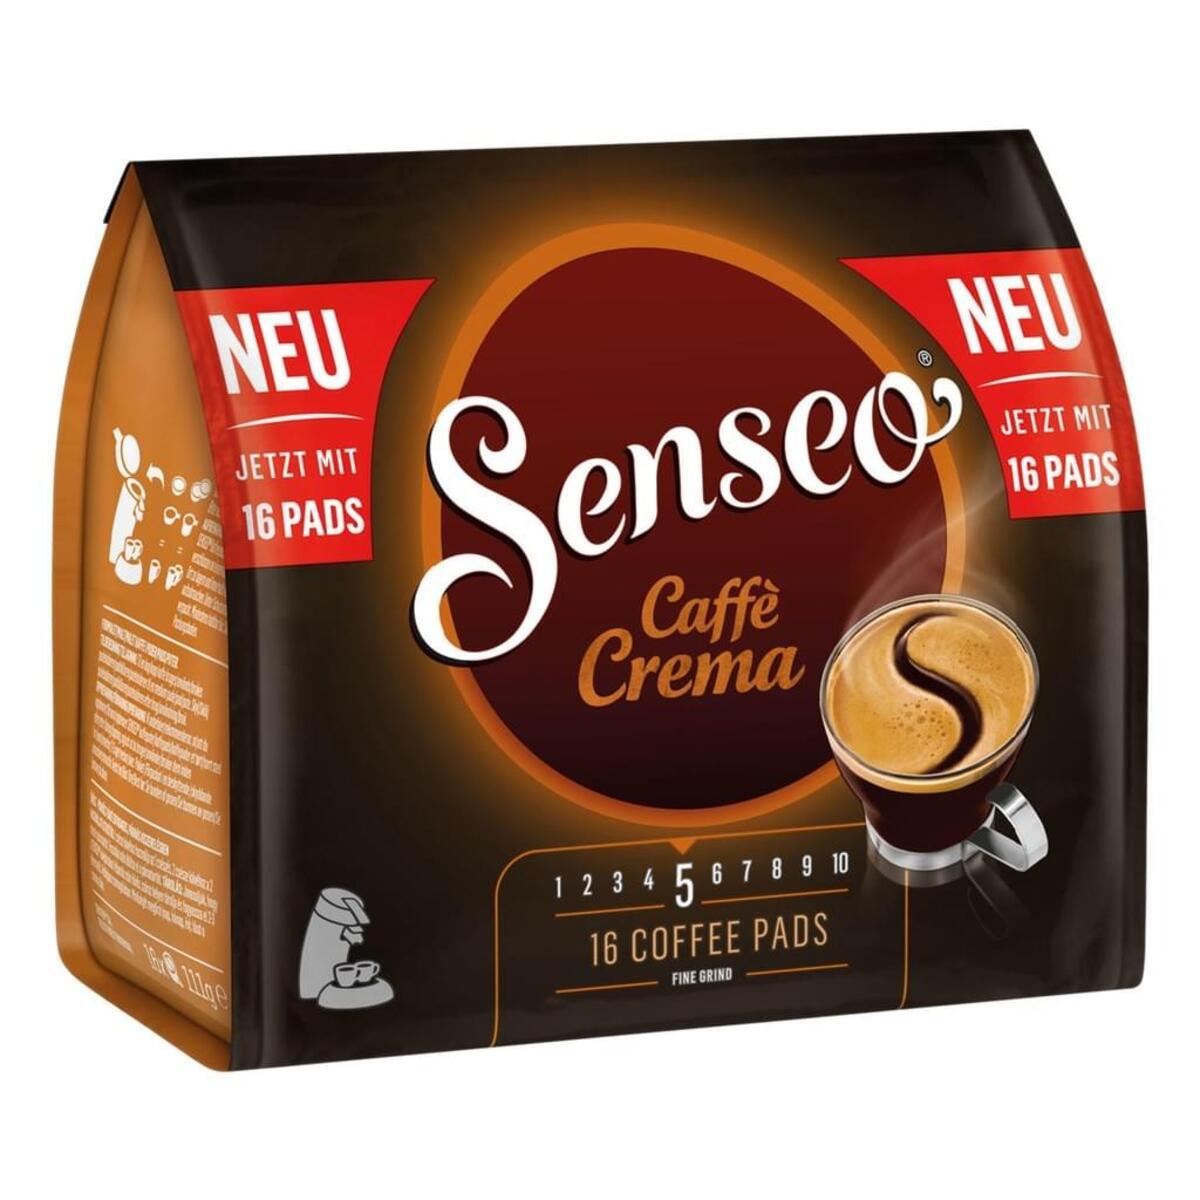 Bild 2 von Senseo Caffe Crema, Kaffeepads, Aromatisch und Vollmundig, Röstkaffee, Kaffee, 16 Pads